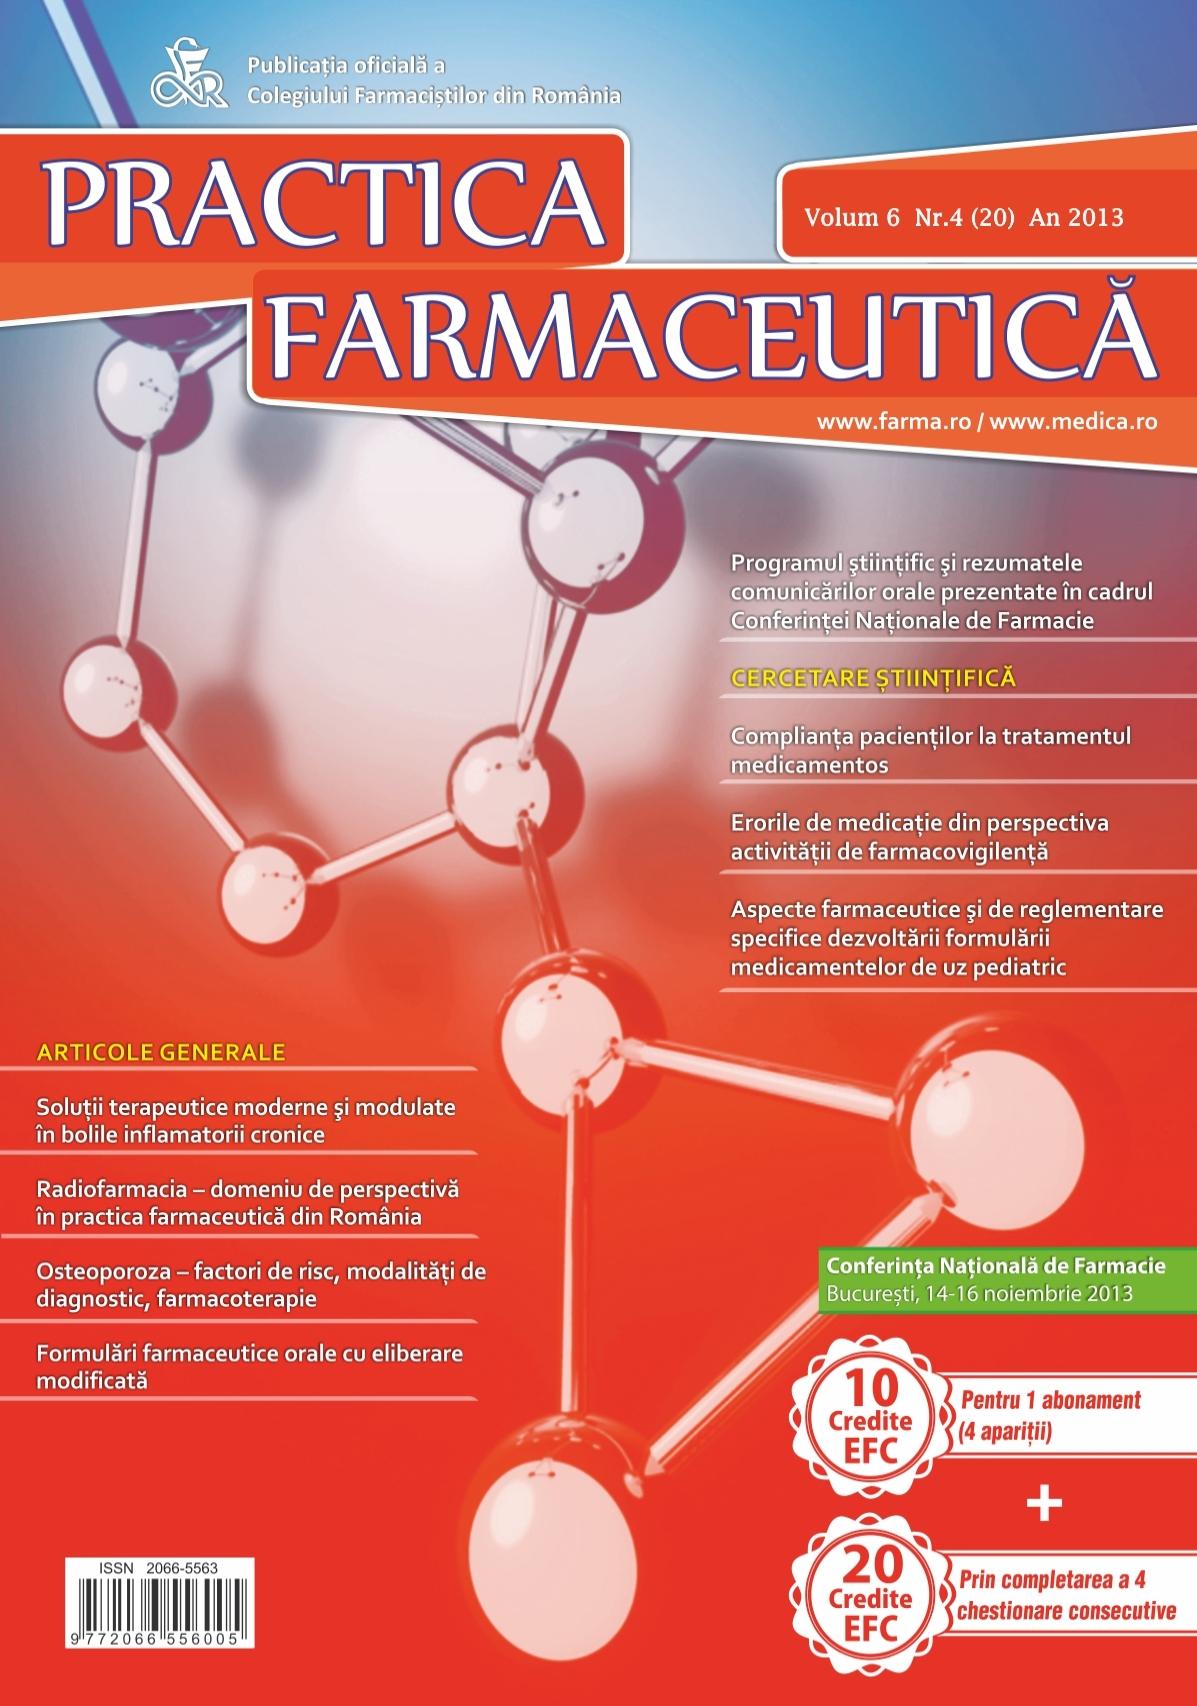 Revista Practica Farmaceutica, Vol. VI, No. 4 (20), 2013